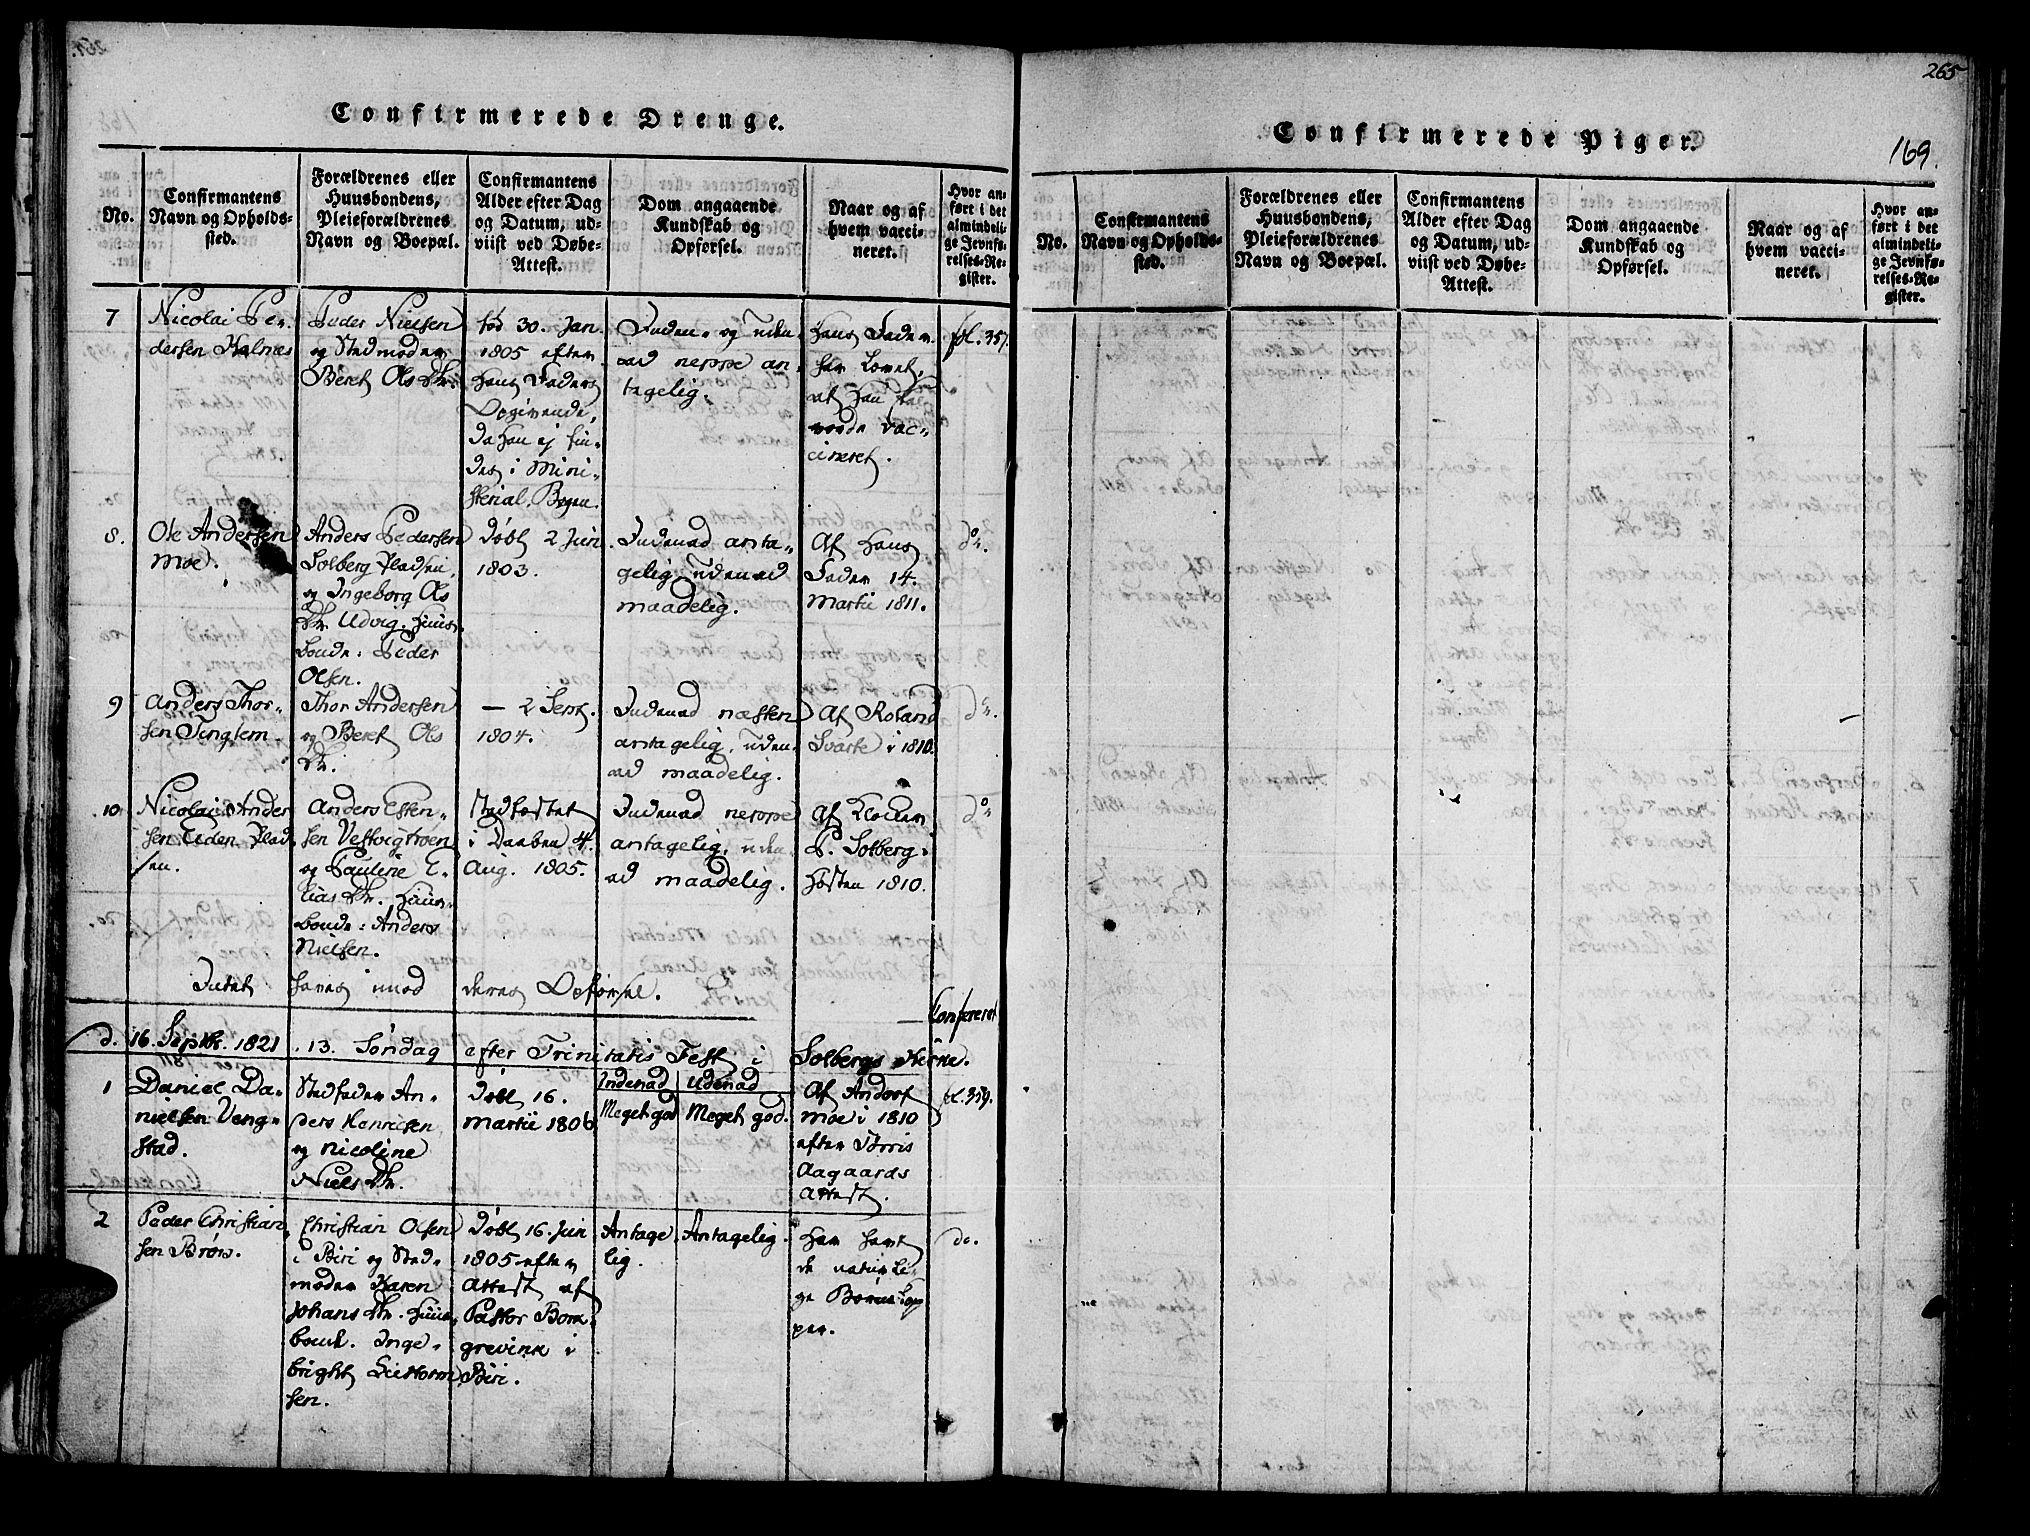 SAT, Ministerialprotokoller, klokkerbøker og fødselsregistre - Nord-Trøndelag, 741/L0387: Ministerialbok nr. 741A03 /3, 1817-1822, s. 169